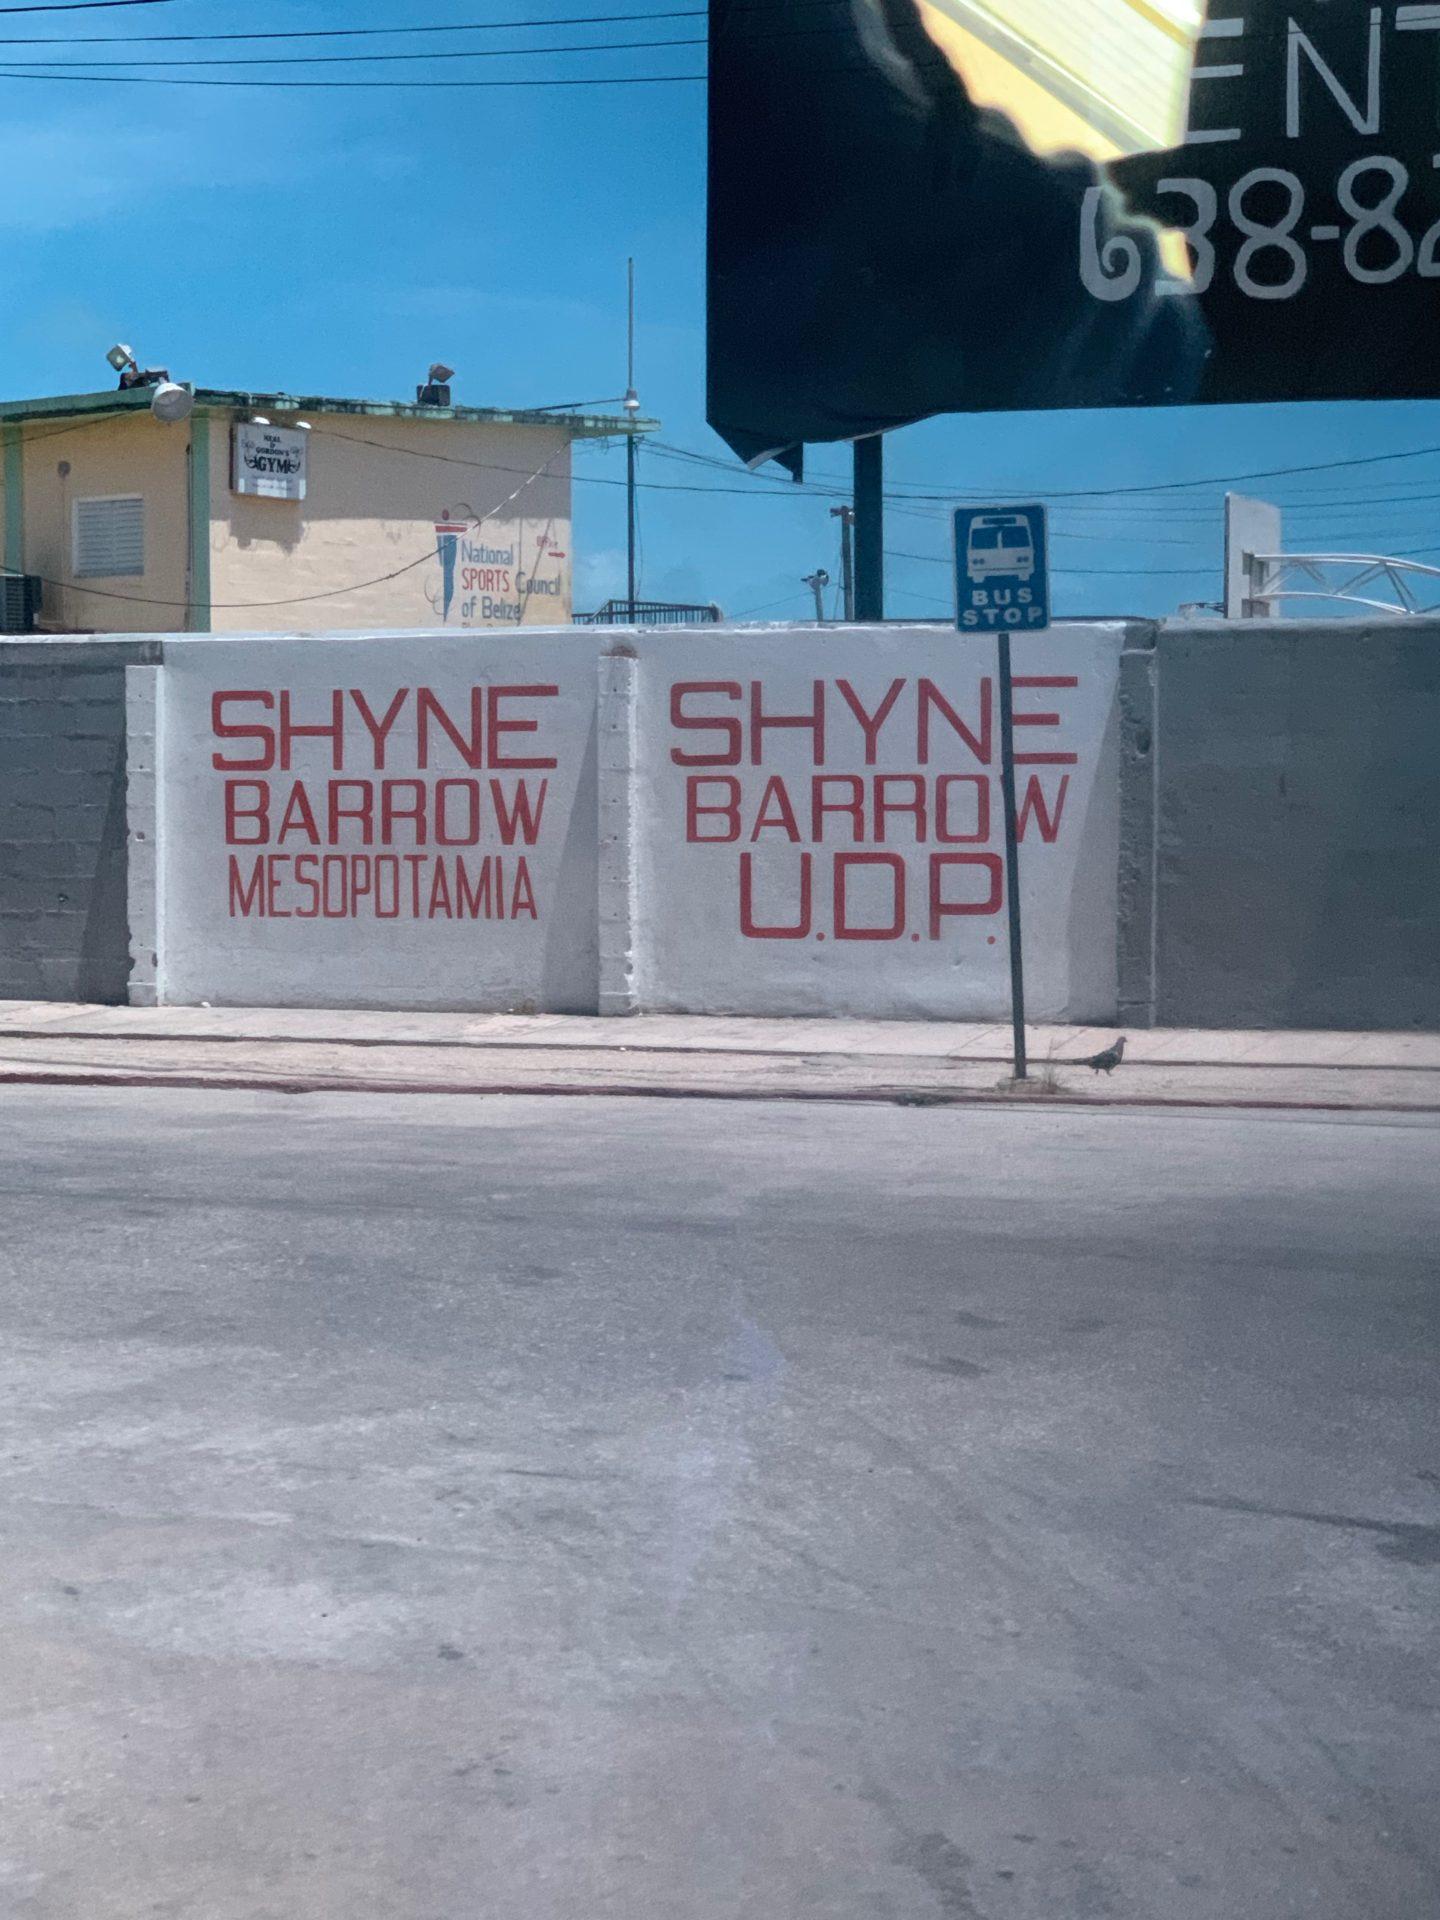 Shyne Barrow, Belize City